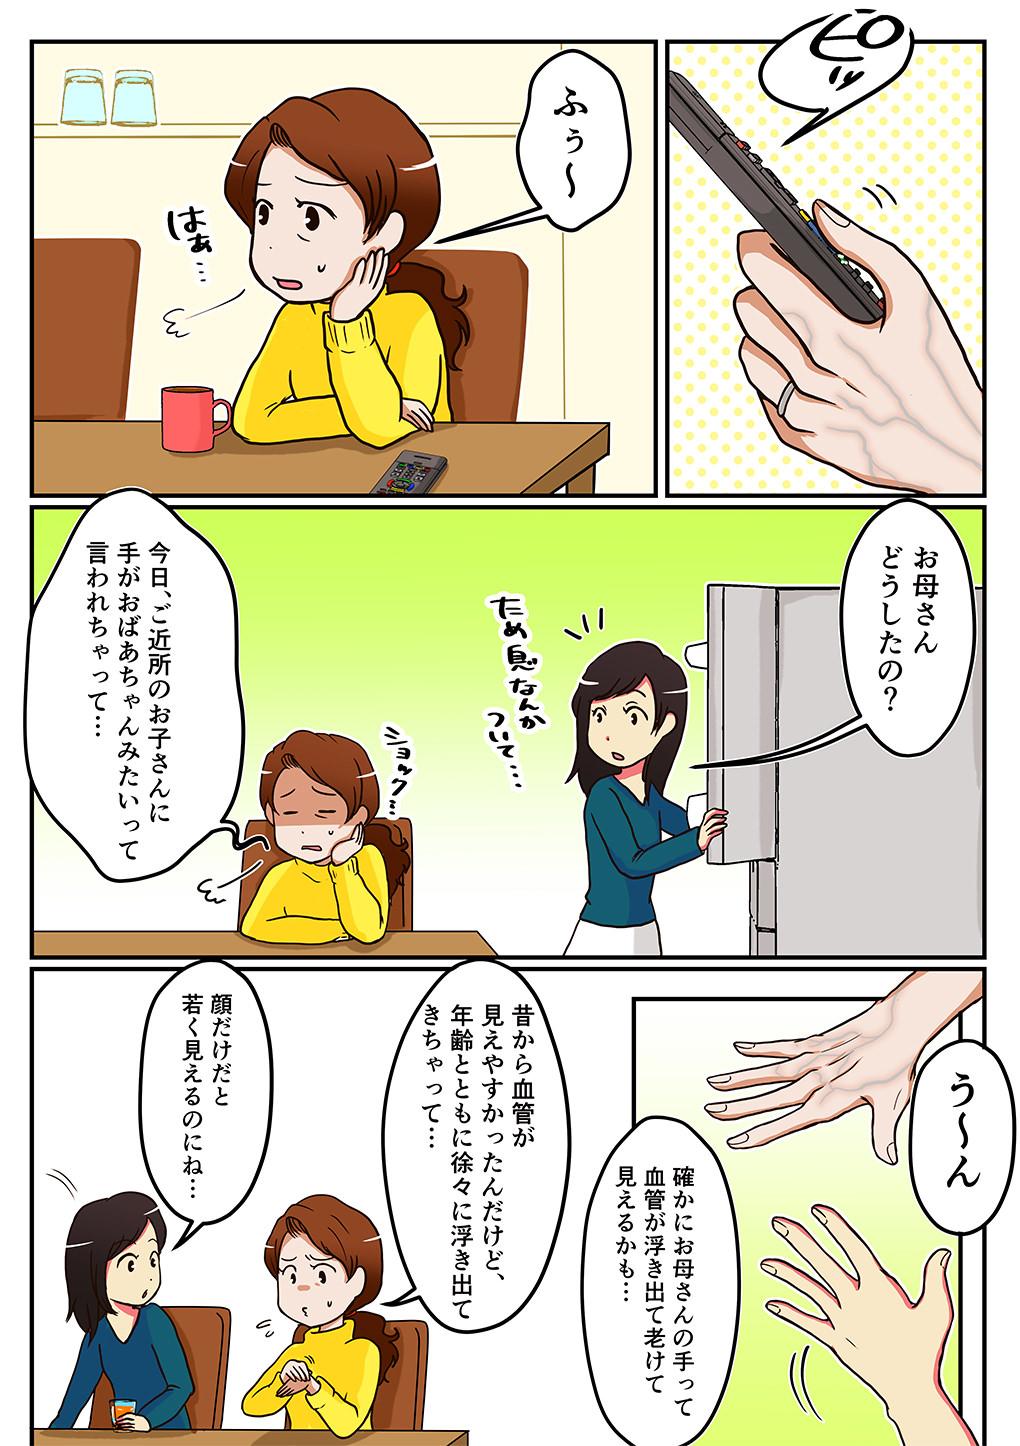 ハンドベイン漫画1